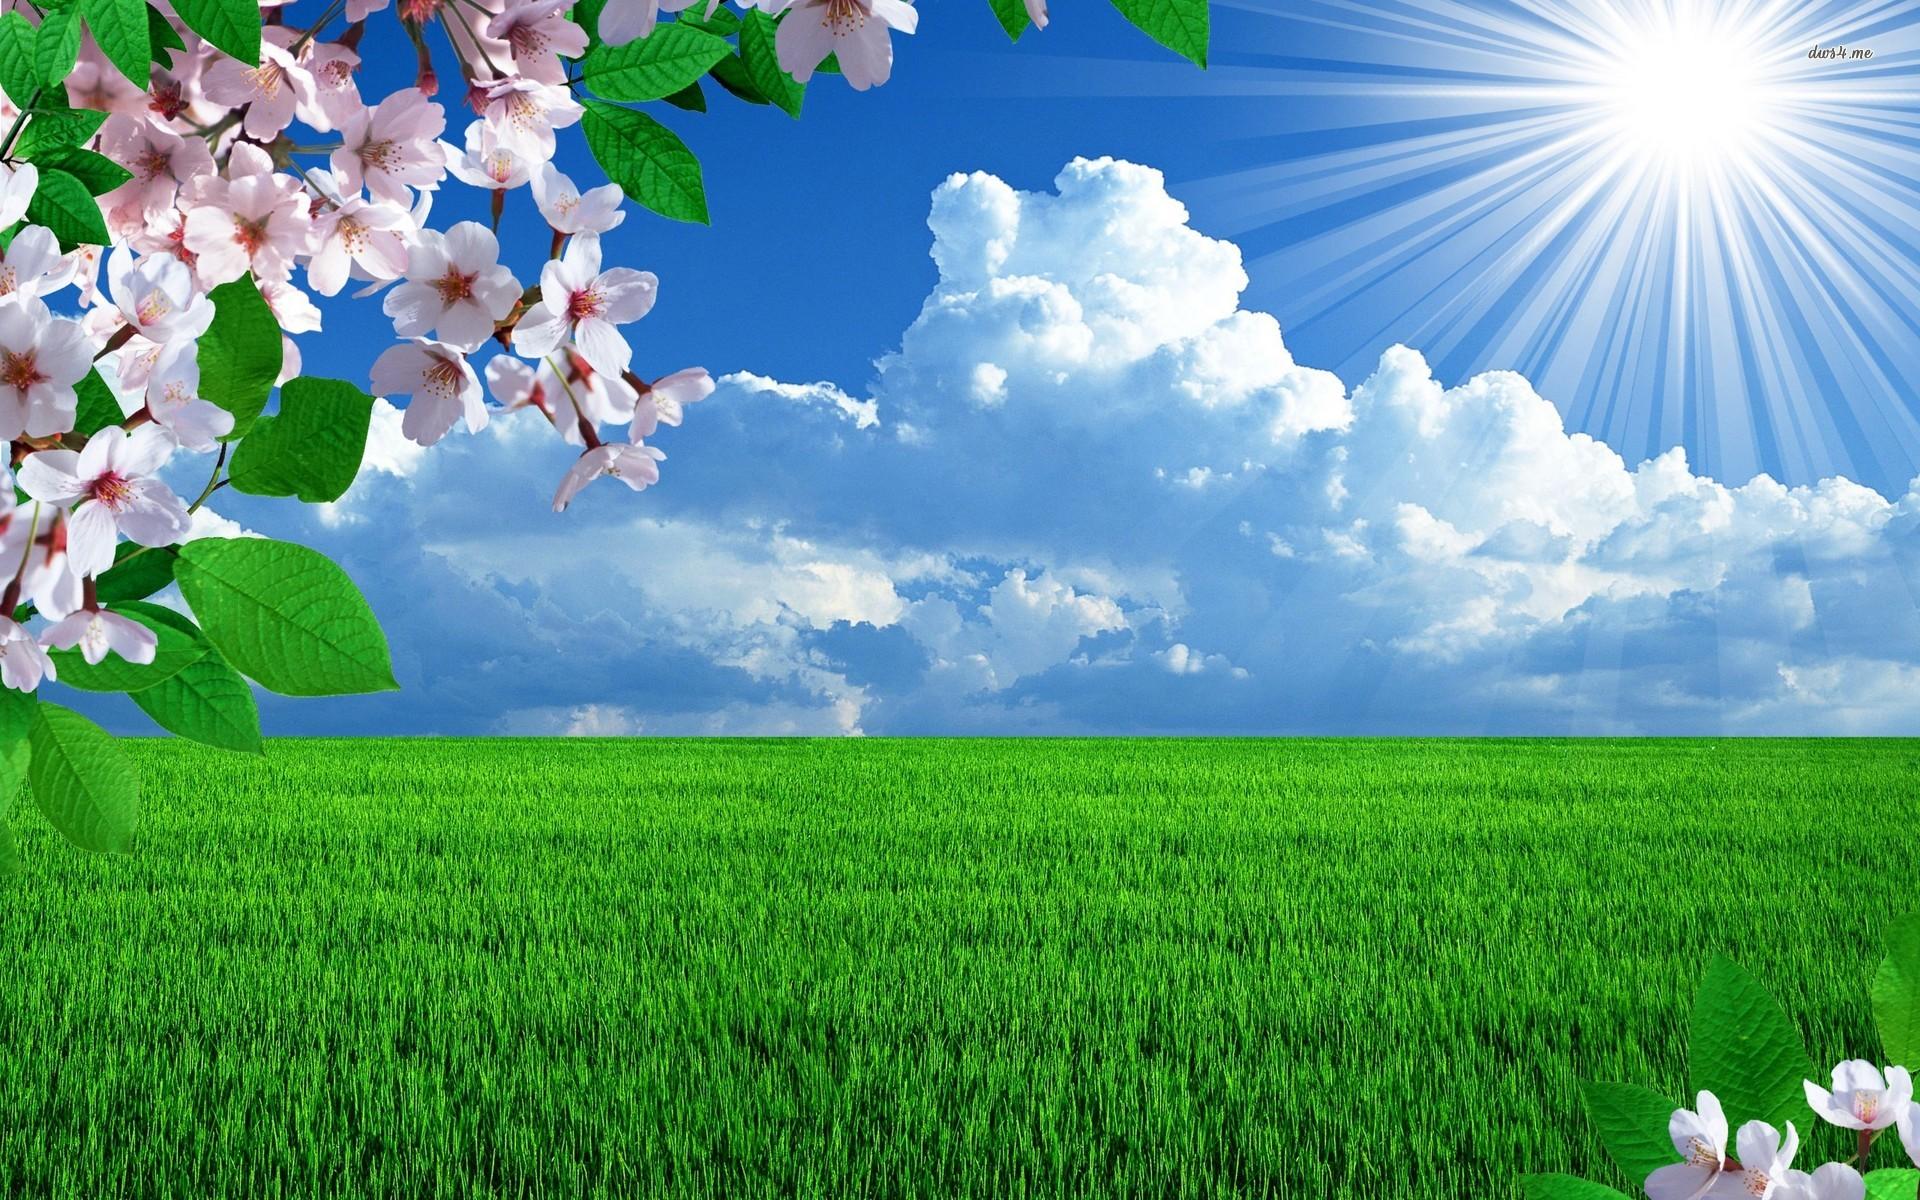 Beautiful Sunny Day Wallpaper 1920x1200 PZ5XOQ7   Picseriocom 1920x1200